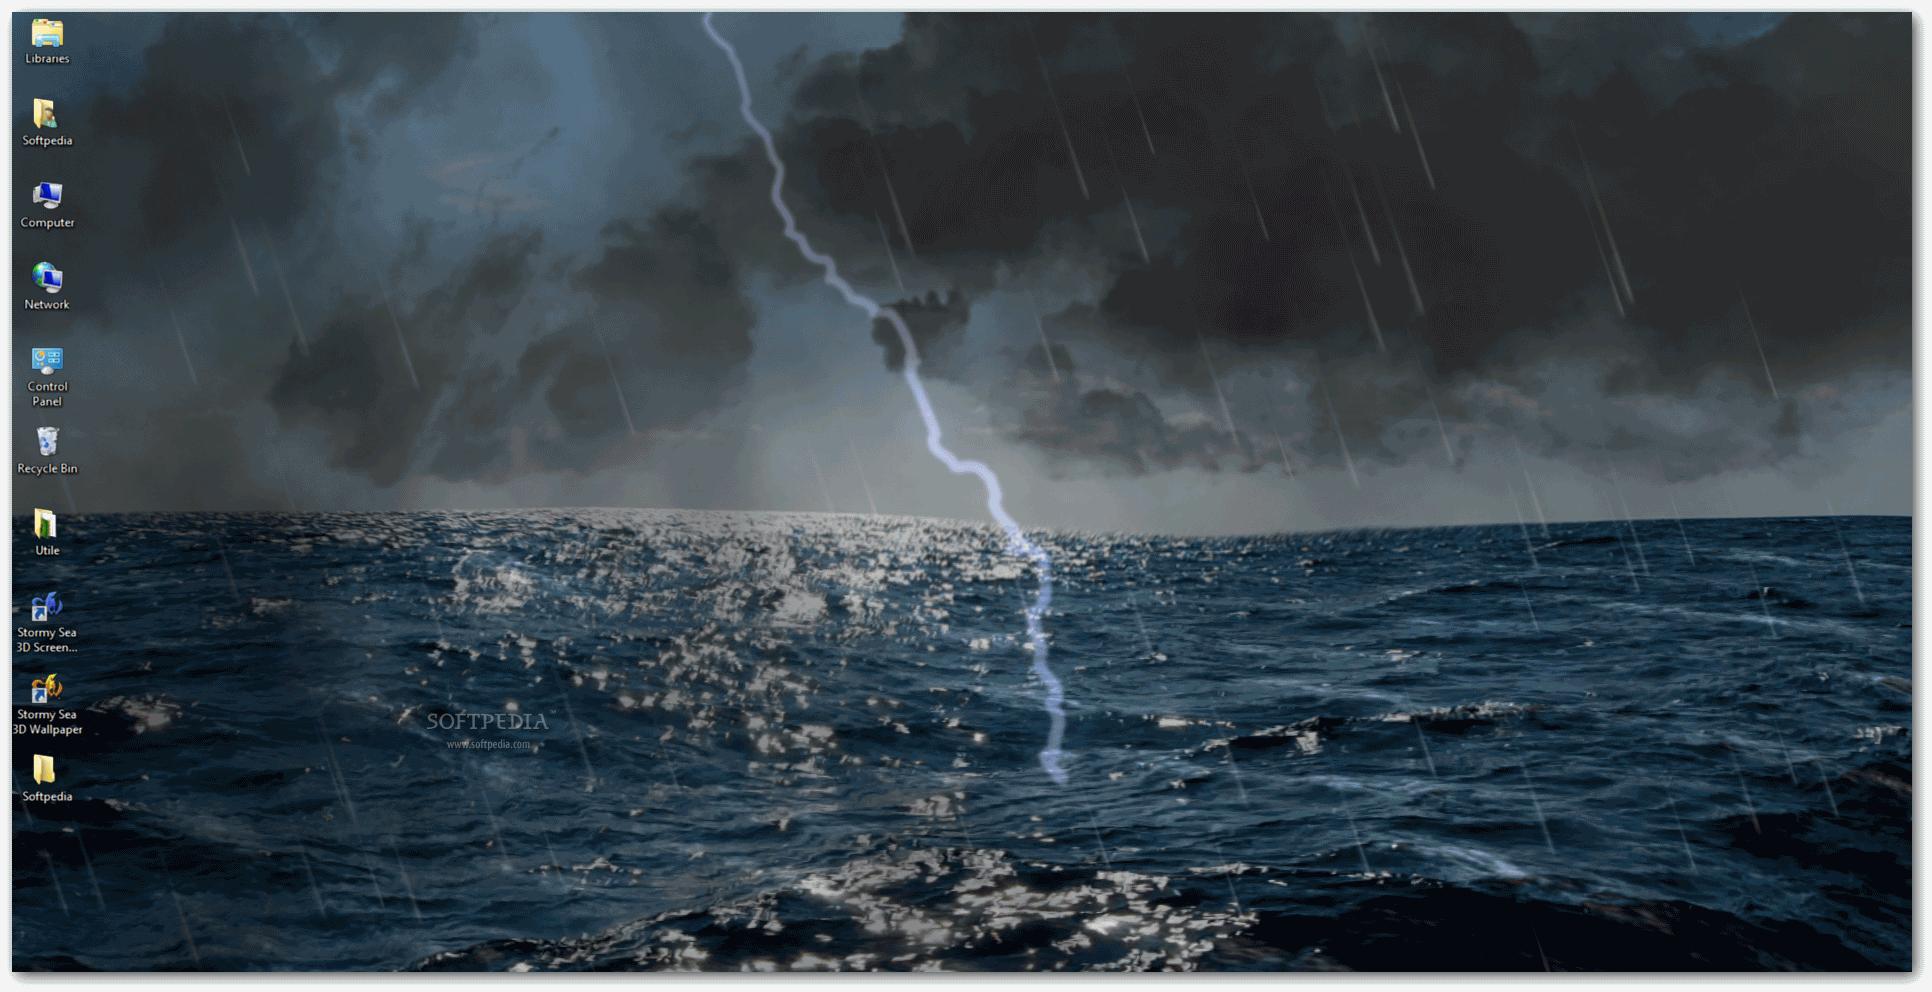 Картинки с анимацией о шторме